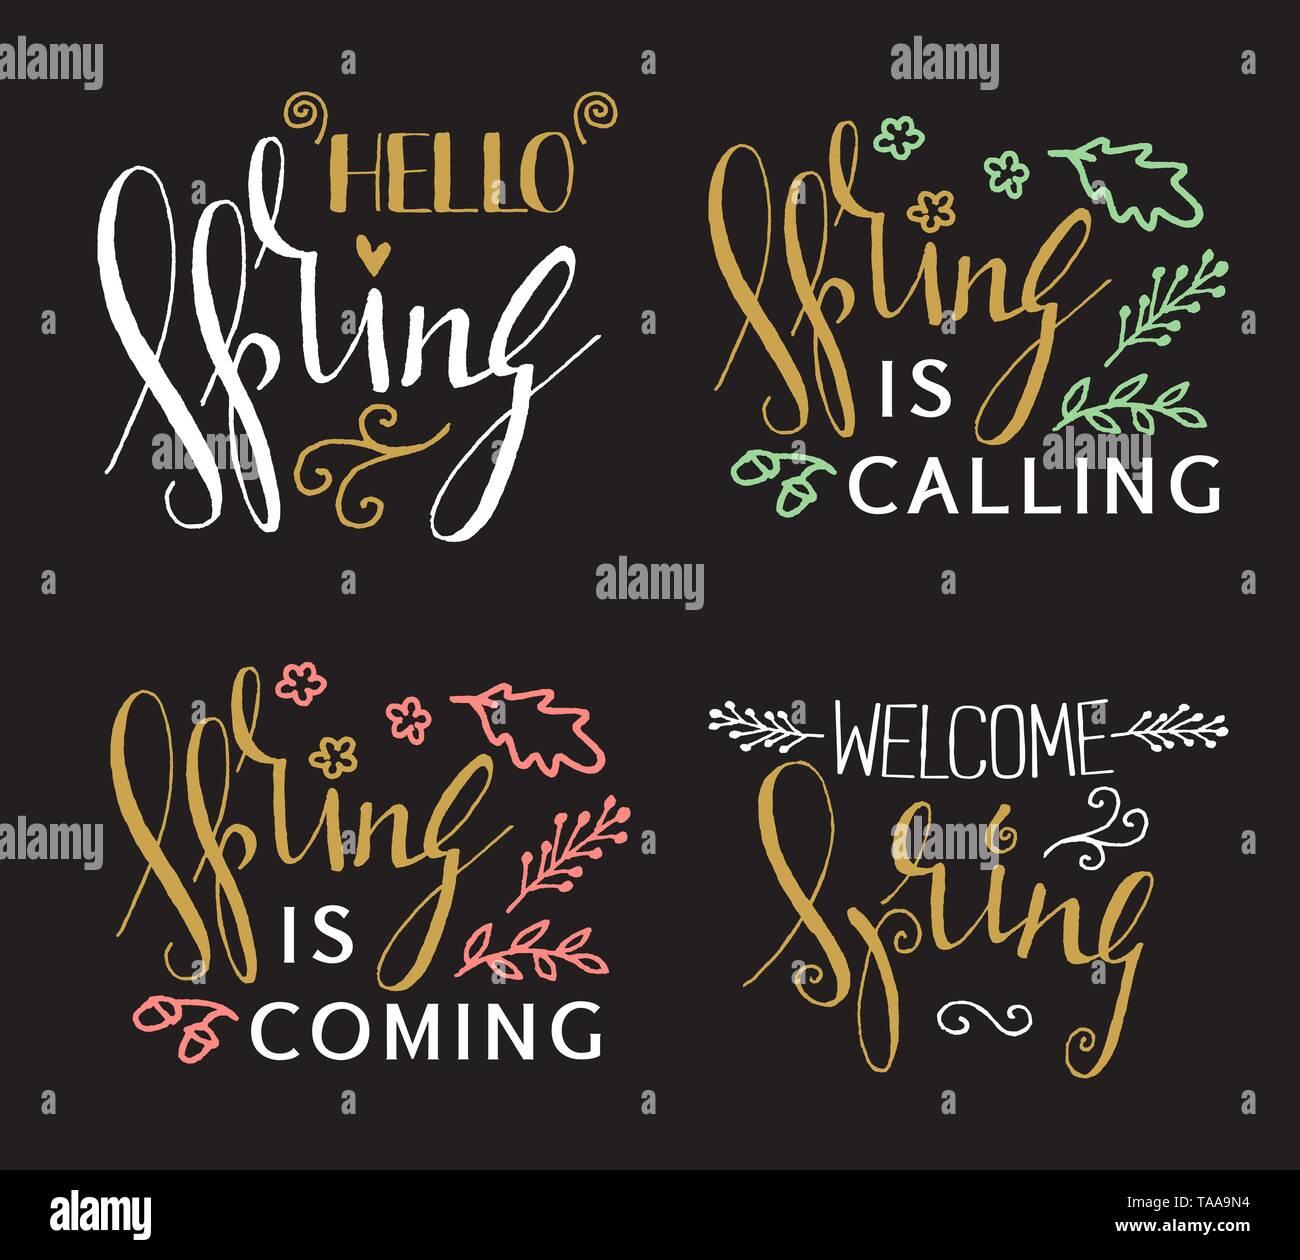 Handschriftliche kalligrafische Feder Schrift auf schwarzen Hintergrund. Inspiration dekorative Grafik Design Element für Banner, Grußkarte, Postkarte, Stockbild